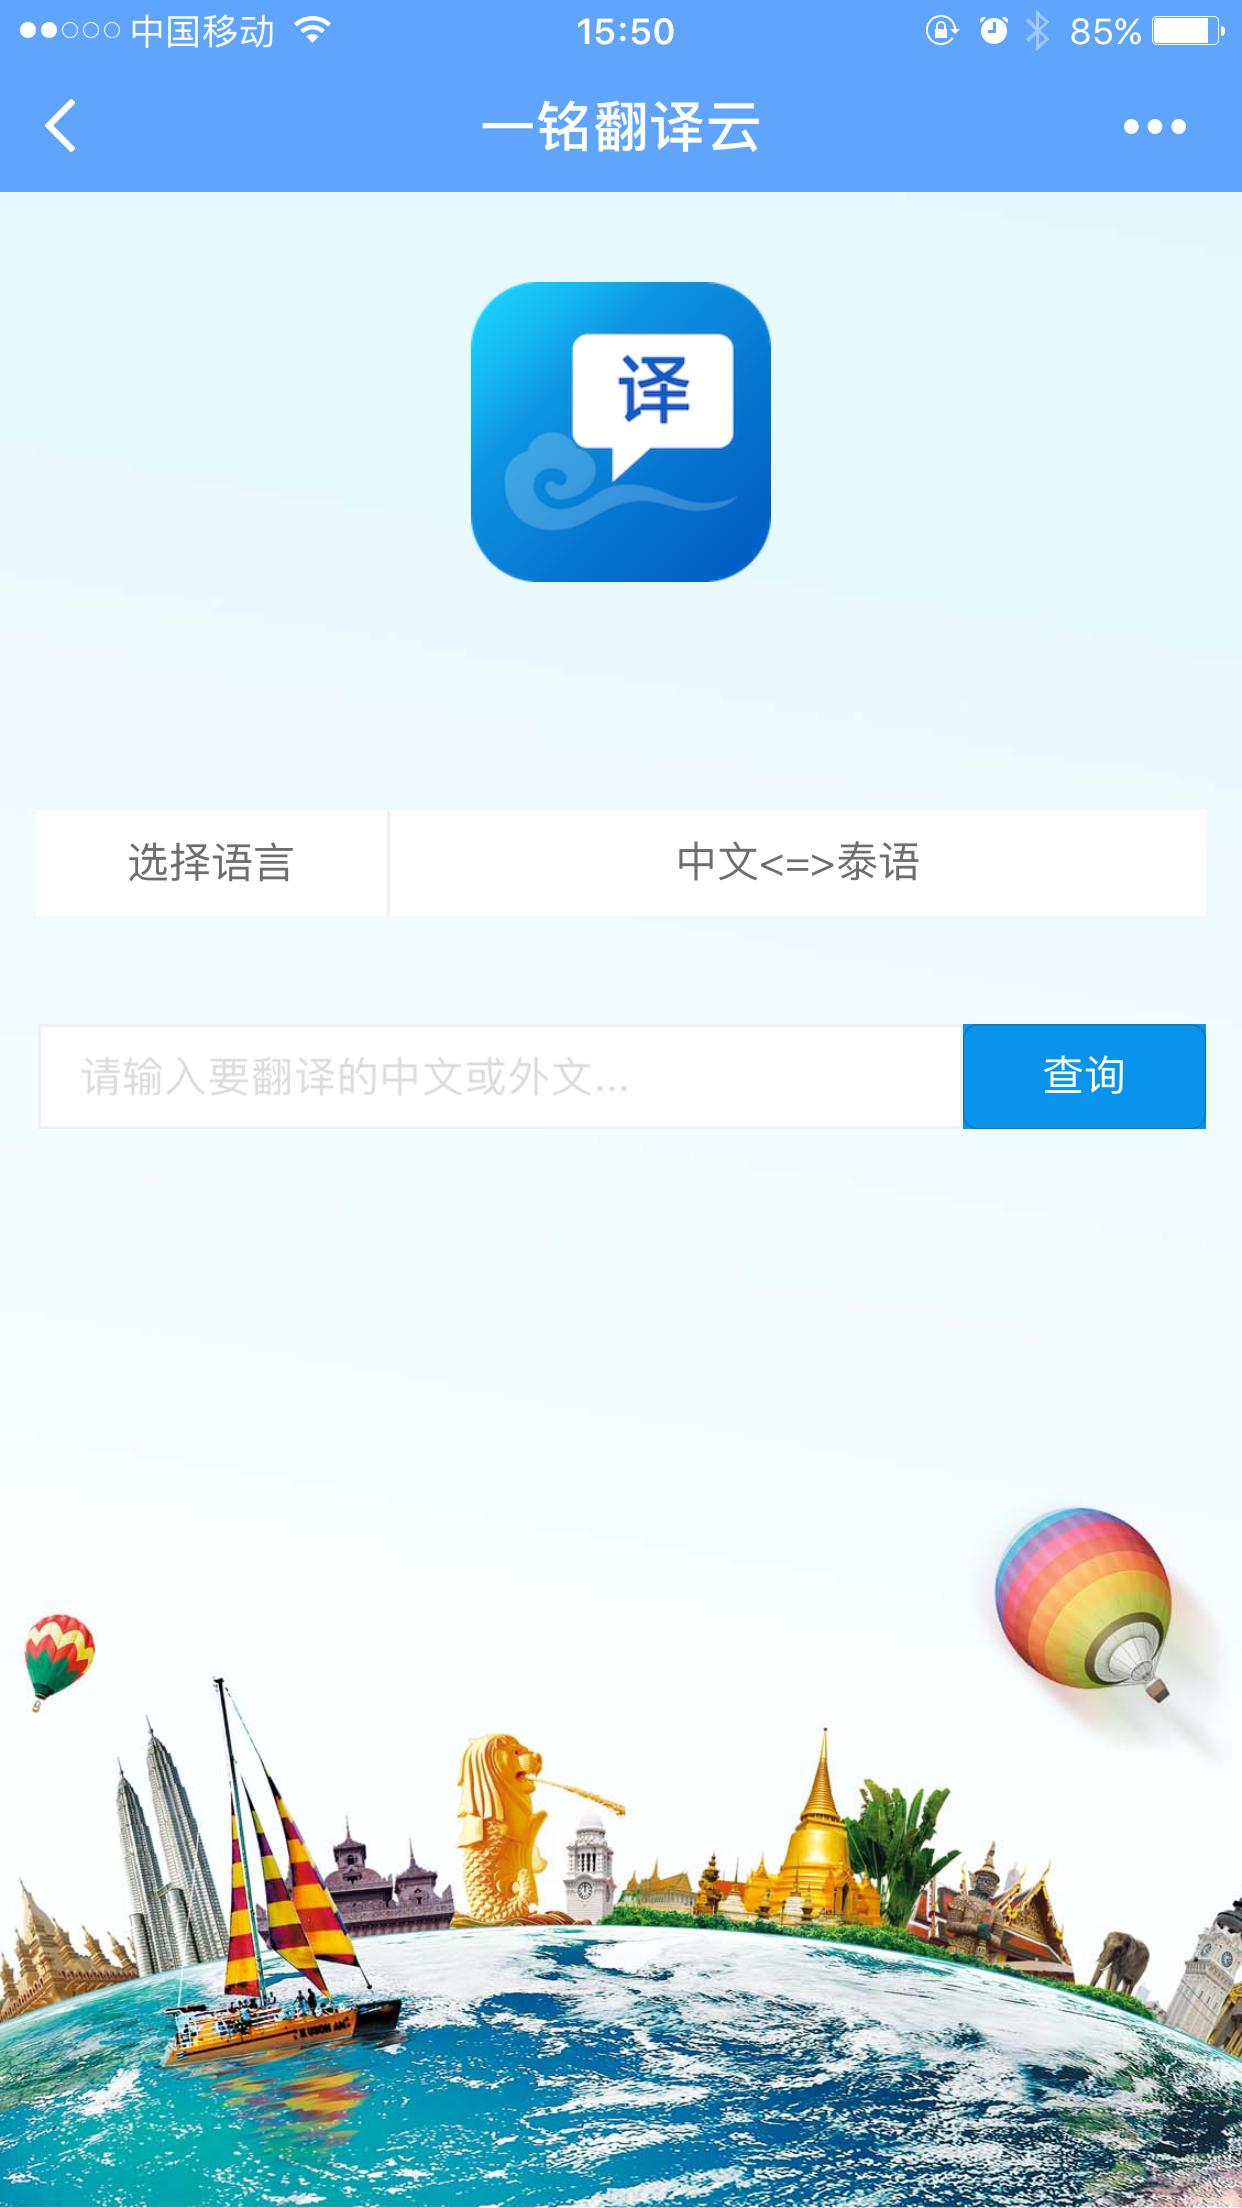 铭翻译云词典小程序